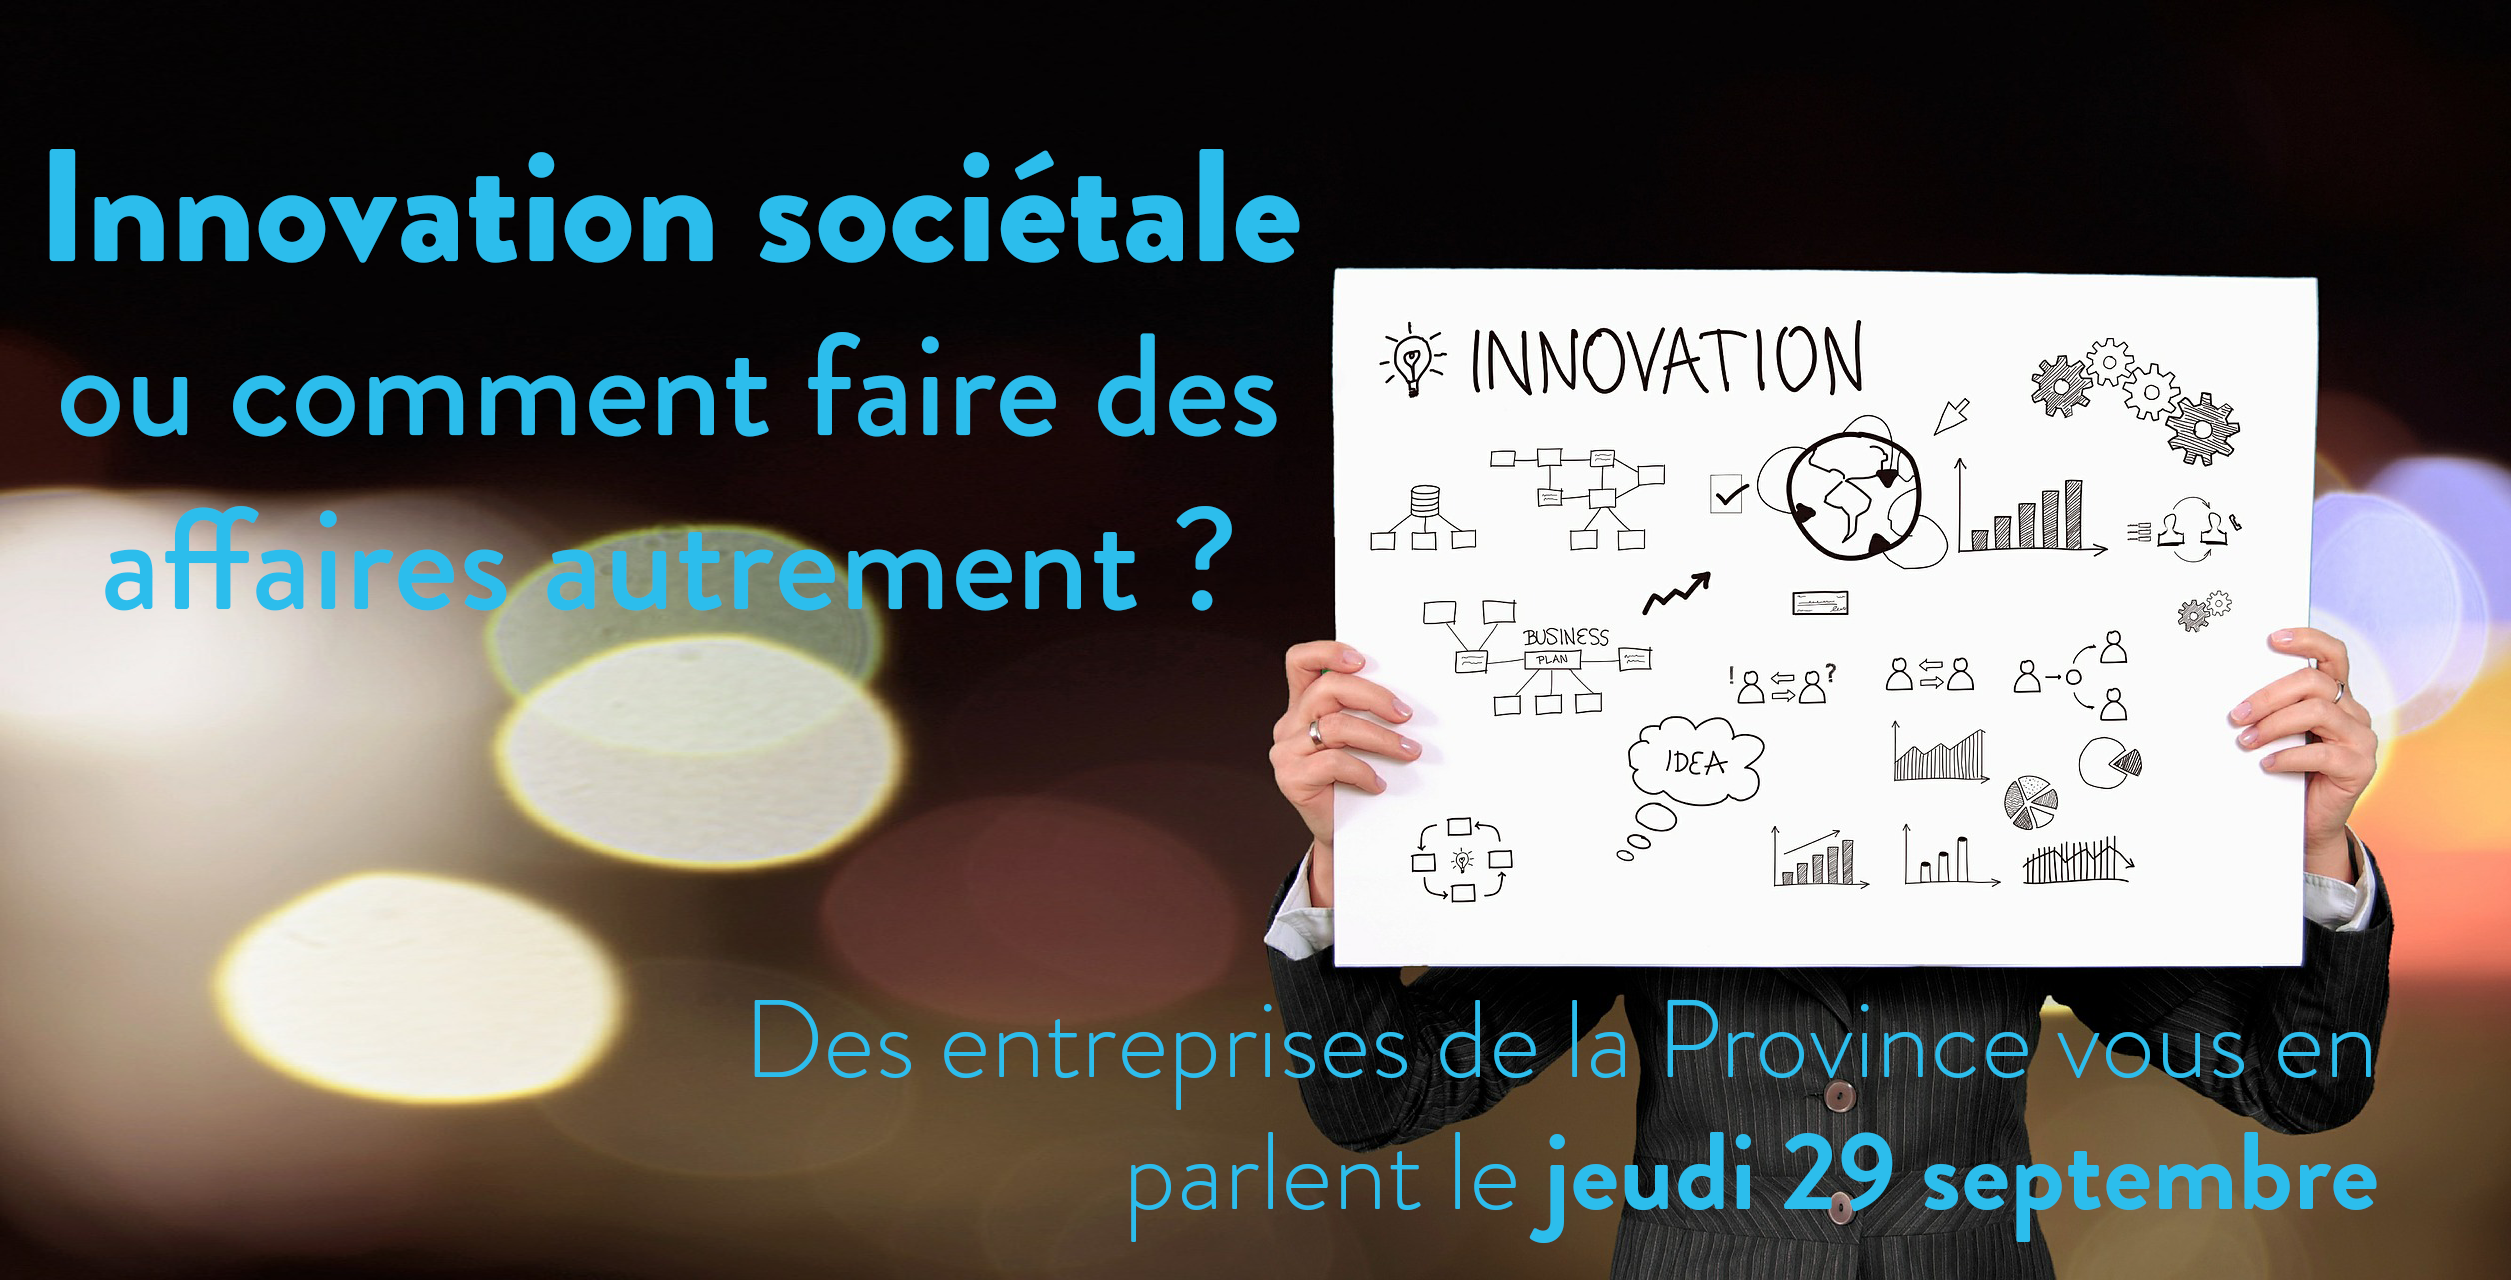 Innovation sociétale invitation